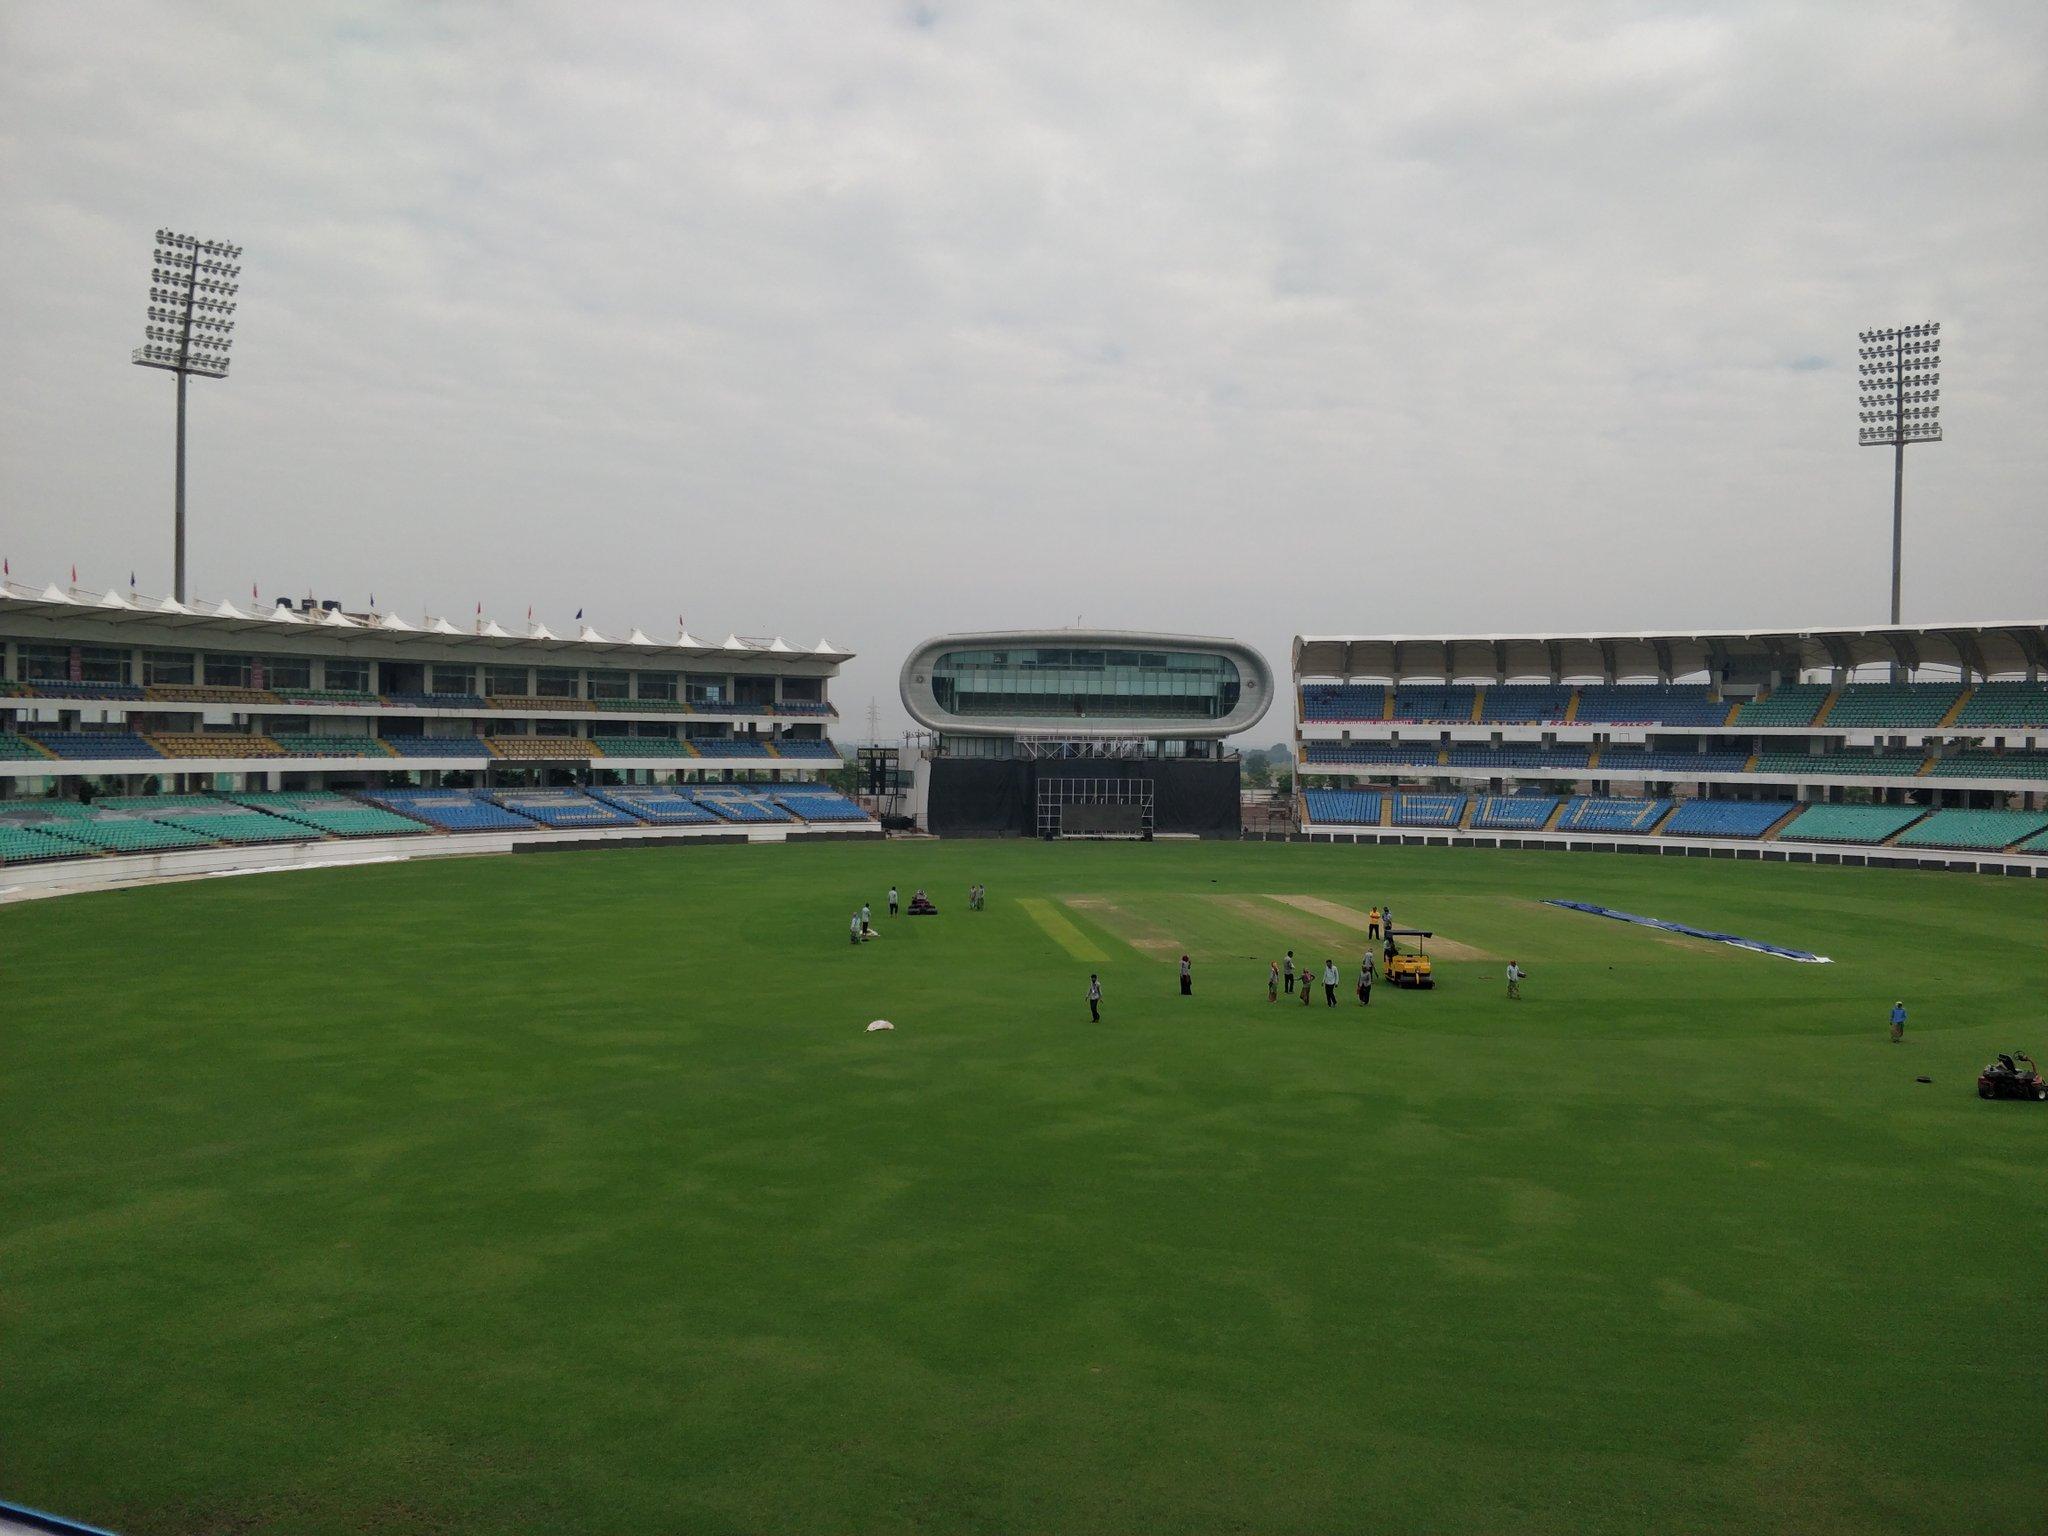 India-Bangladesh टी-20 क्रिकेट मैच पर 'महा' Cyclone का साया  मंडराया